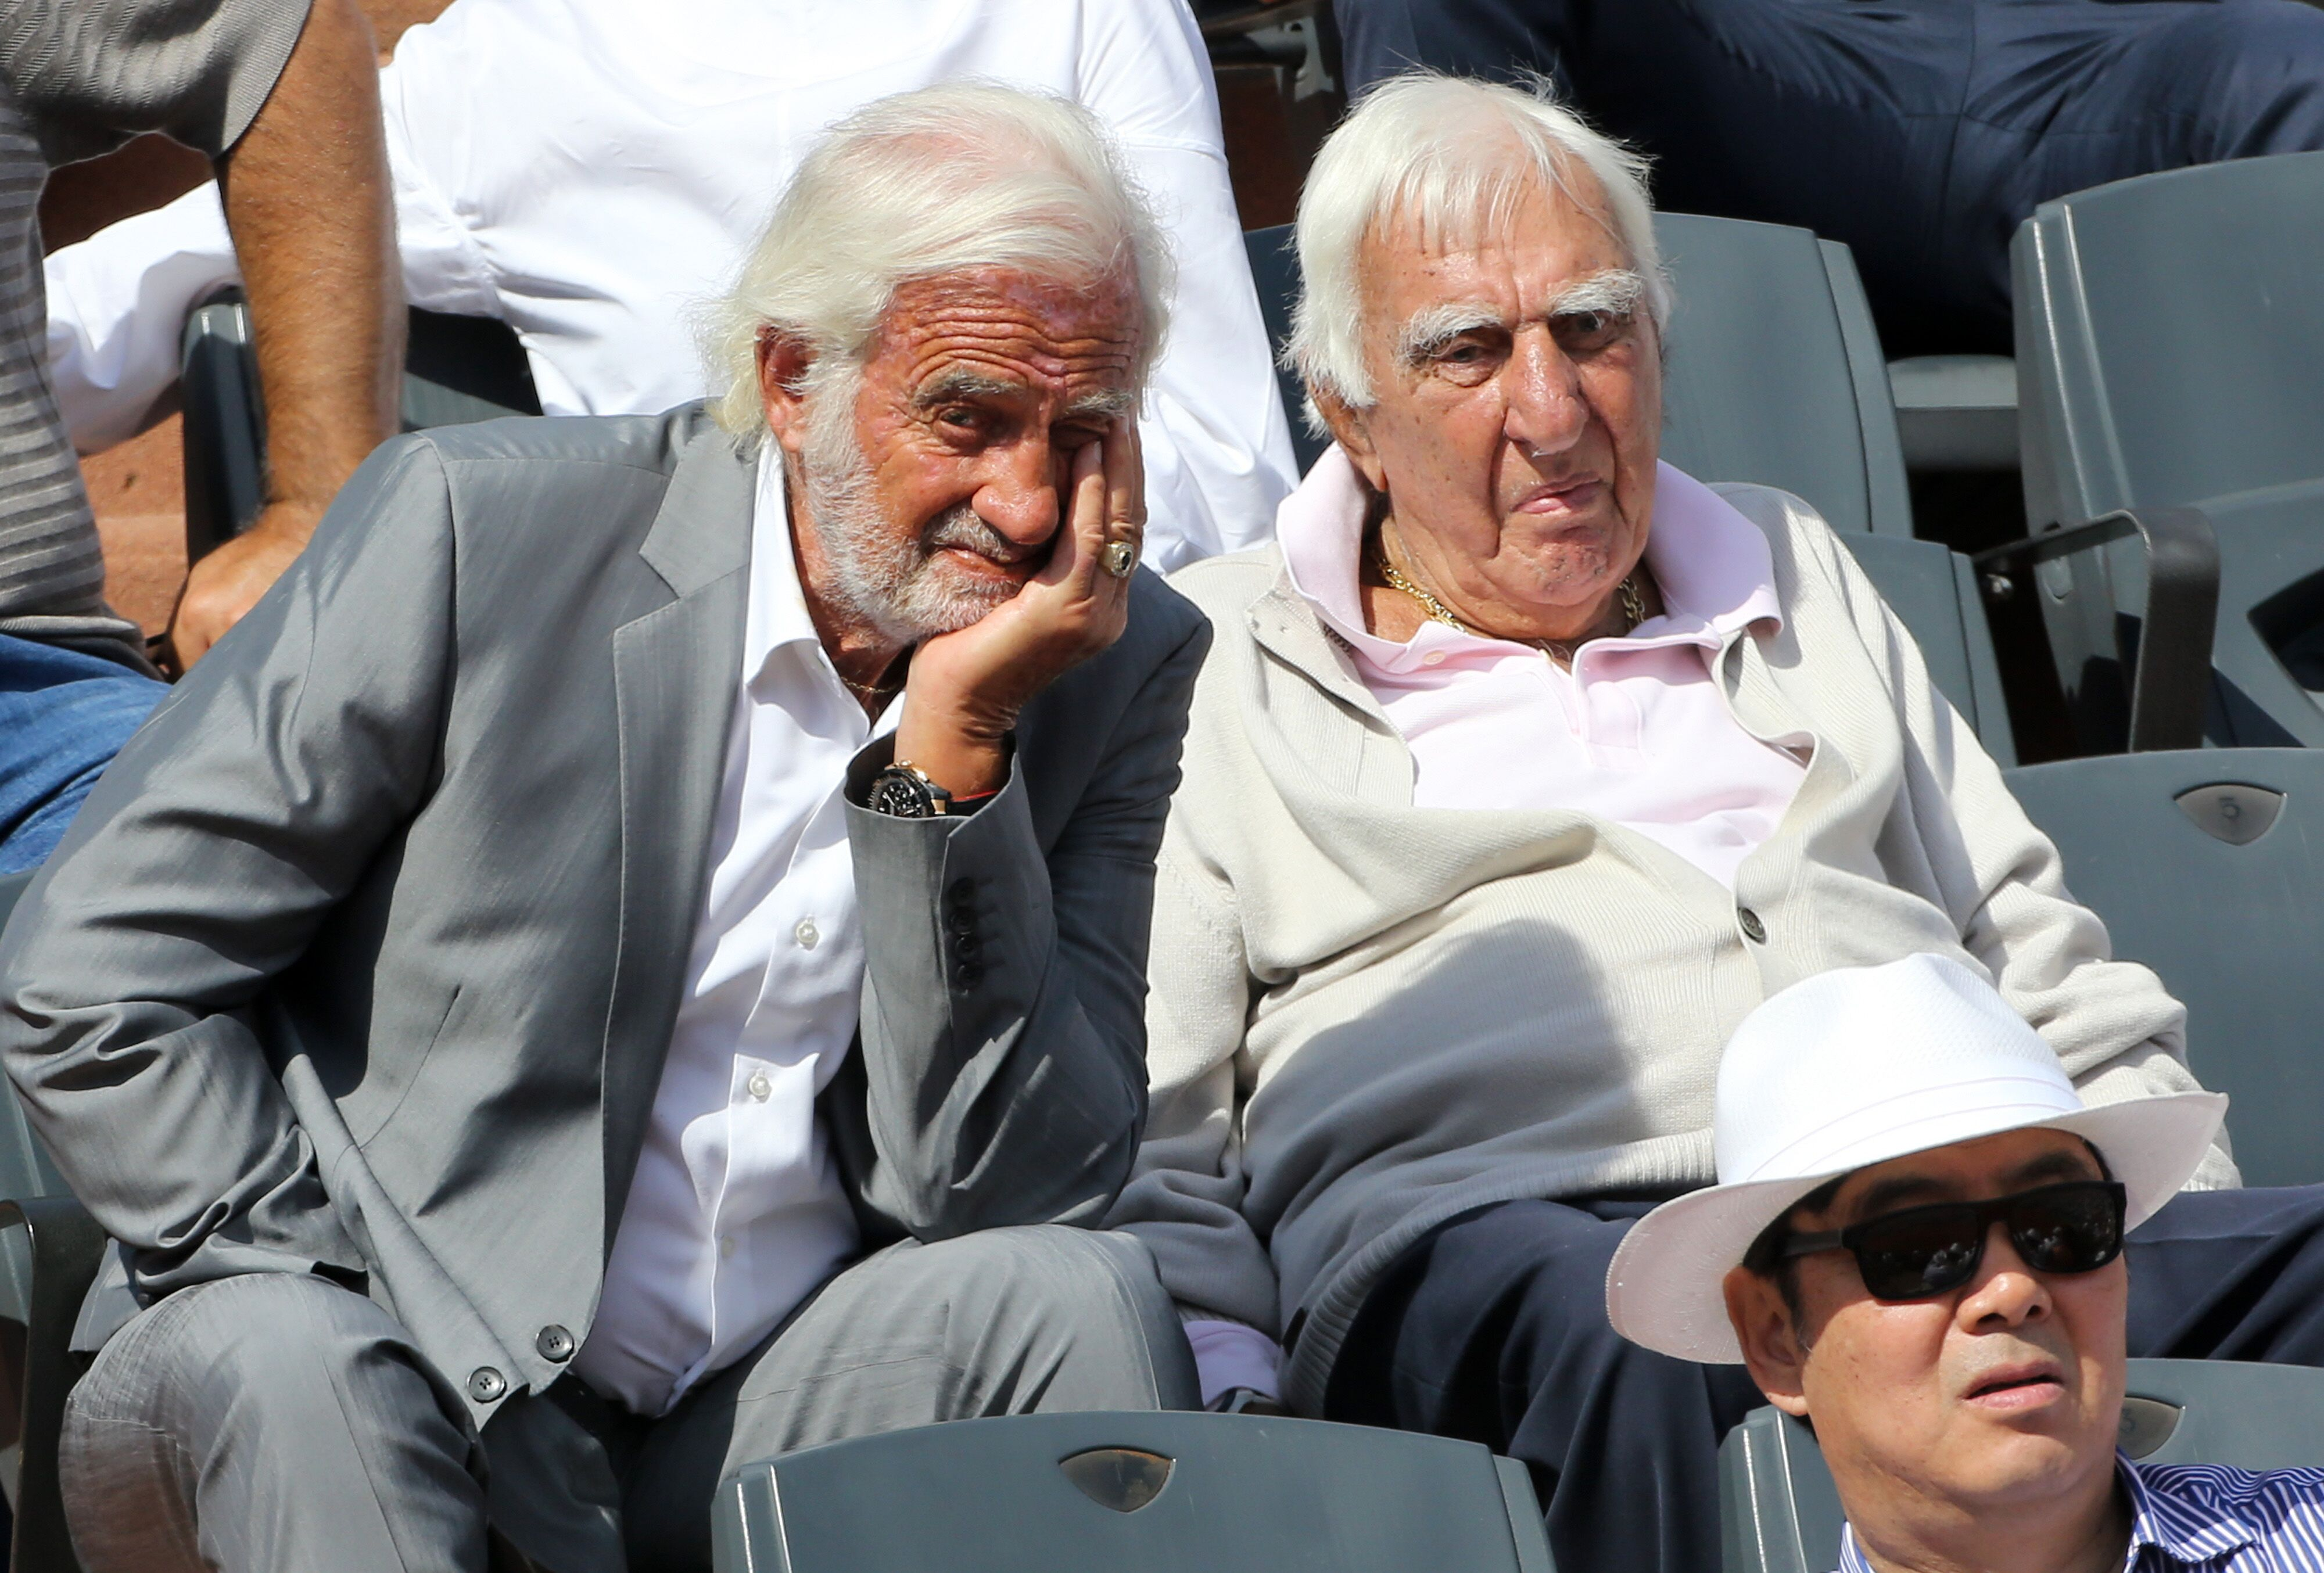 Jean-Paul Belmondo et son ami Charles Gérard assistent à la finale masculine de la 15e journée des Internationaux de France 2015 au stade Roland-Garros. | Photo : GettyImage